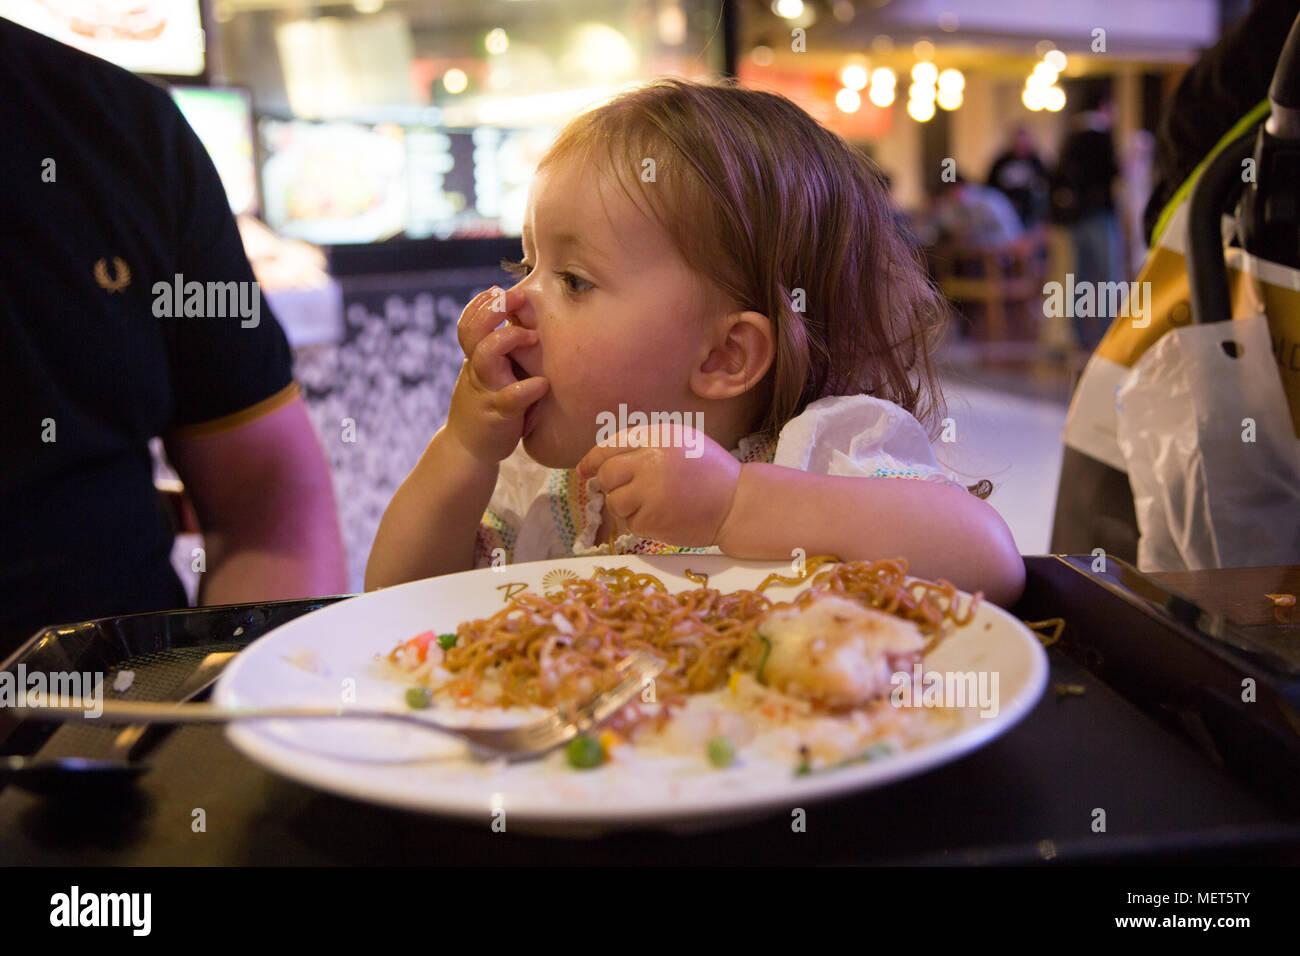 15 month old eating noodles